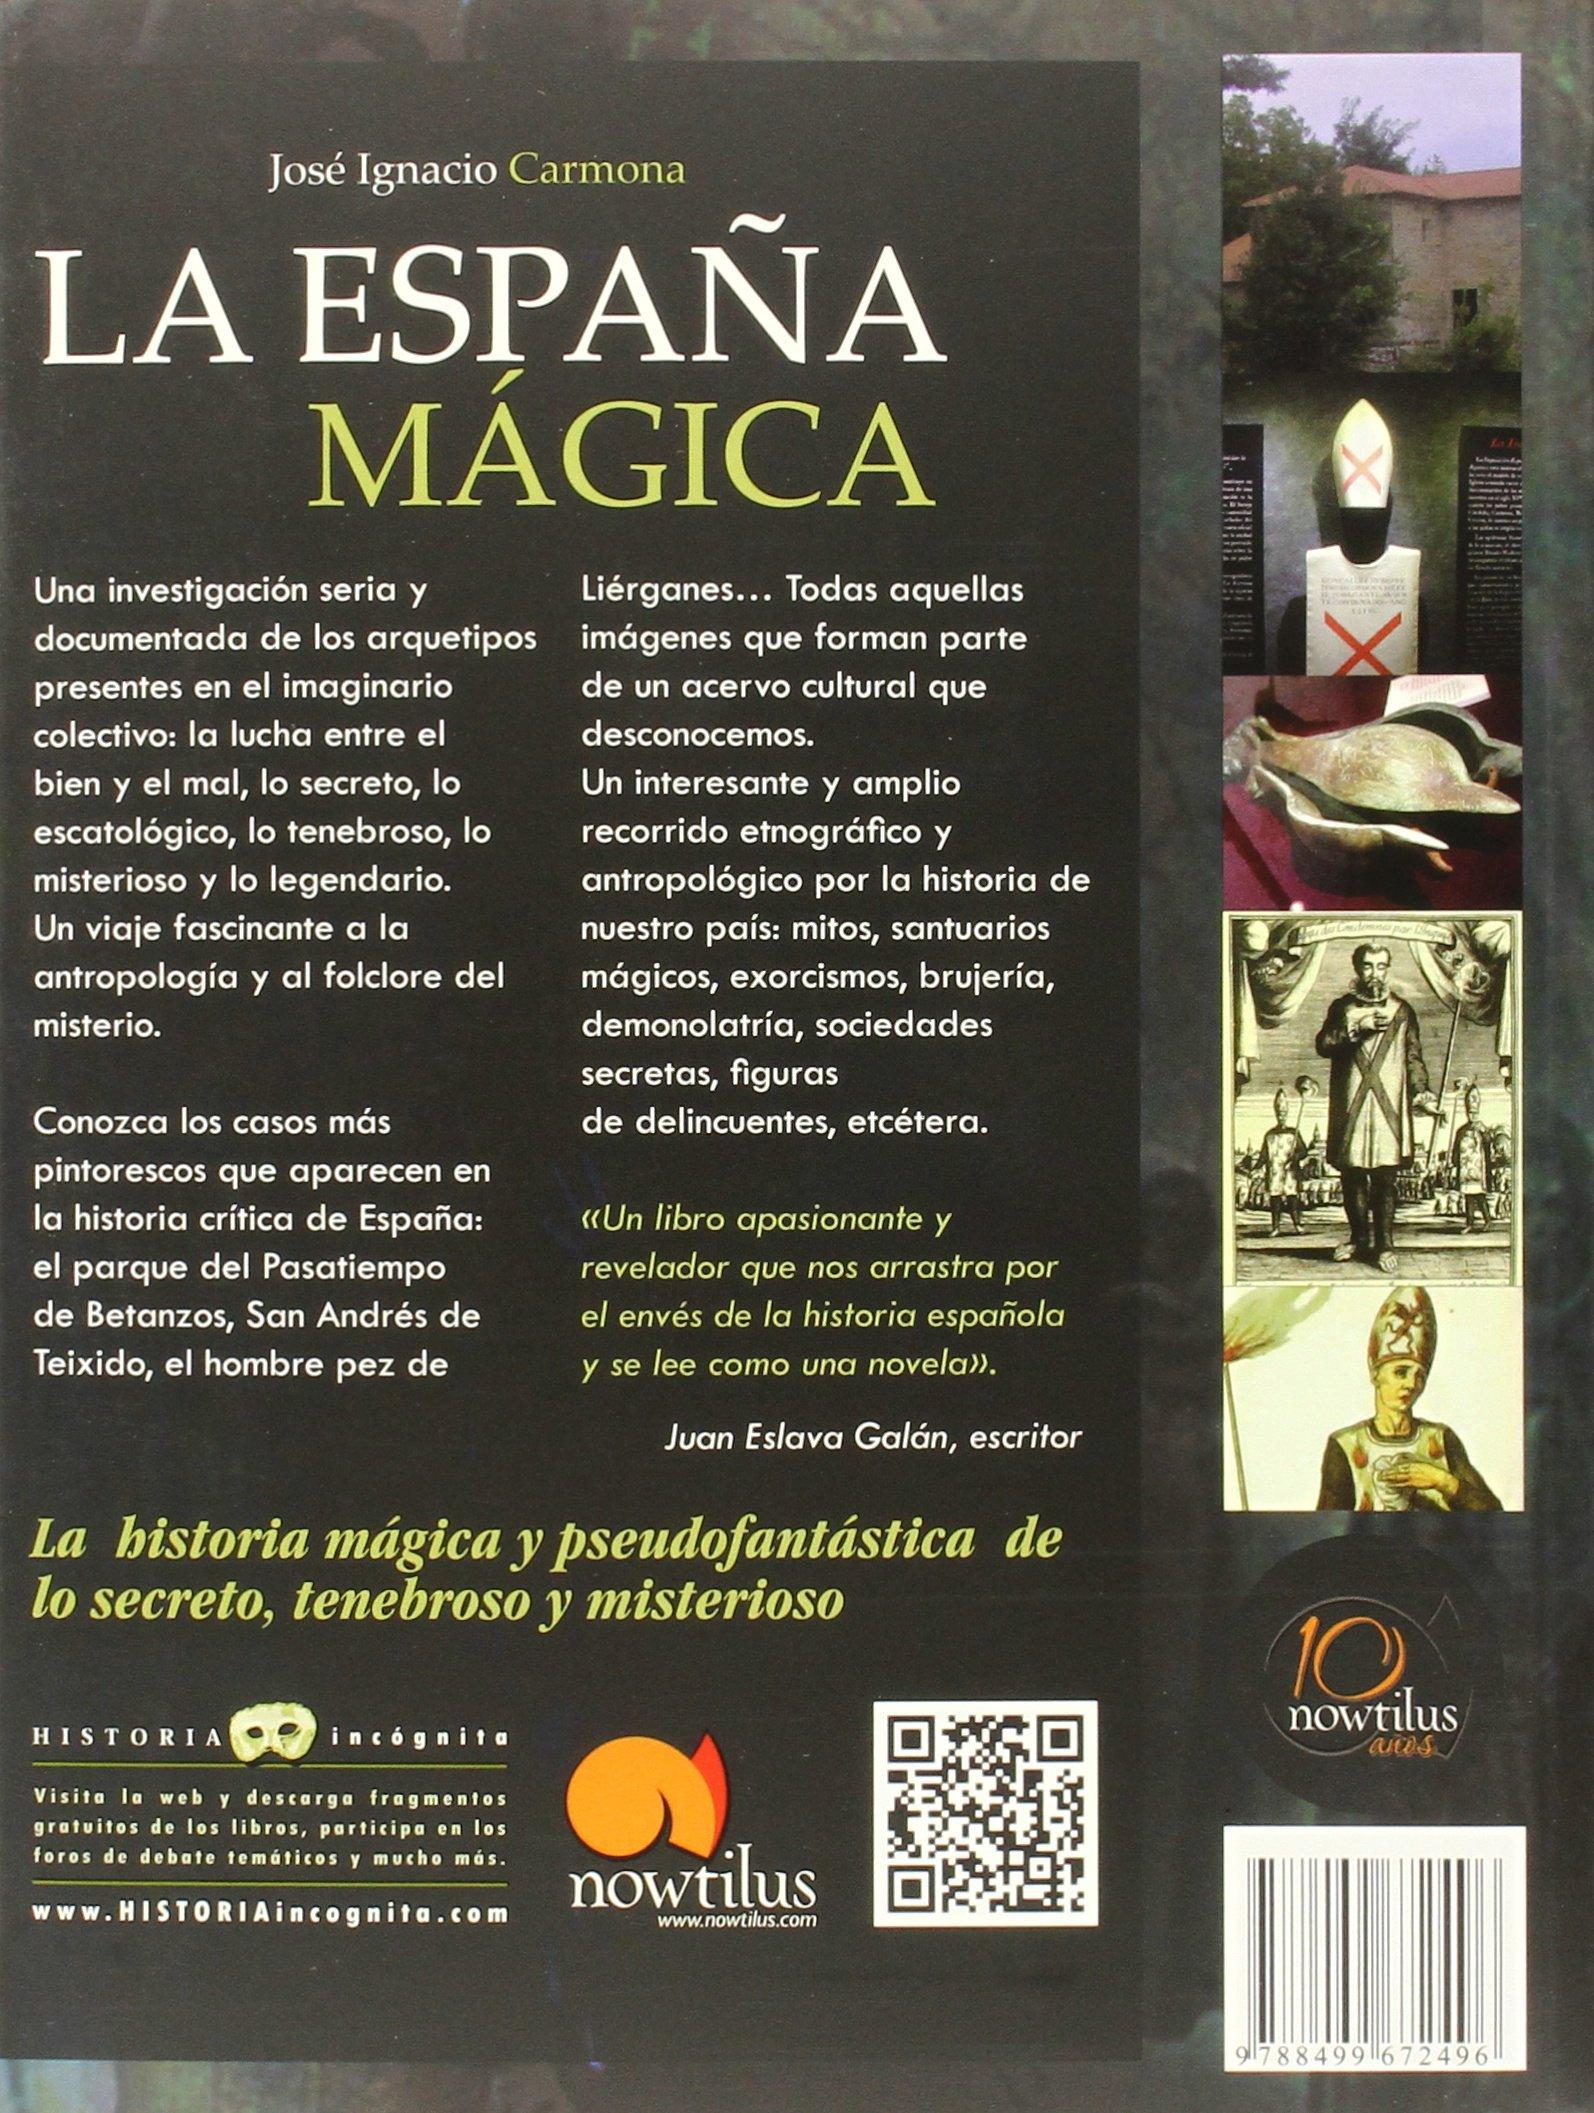 La España mágica (Historia Incógnita): Amazon.es: Carmona Sánchez, José Ignacio: Libros